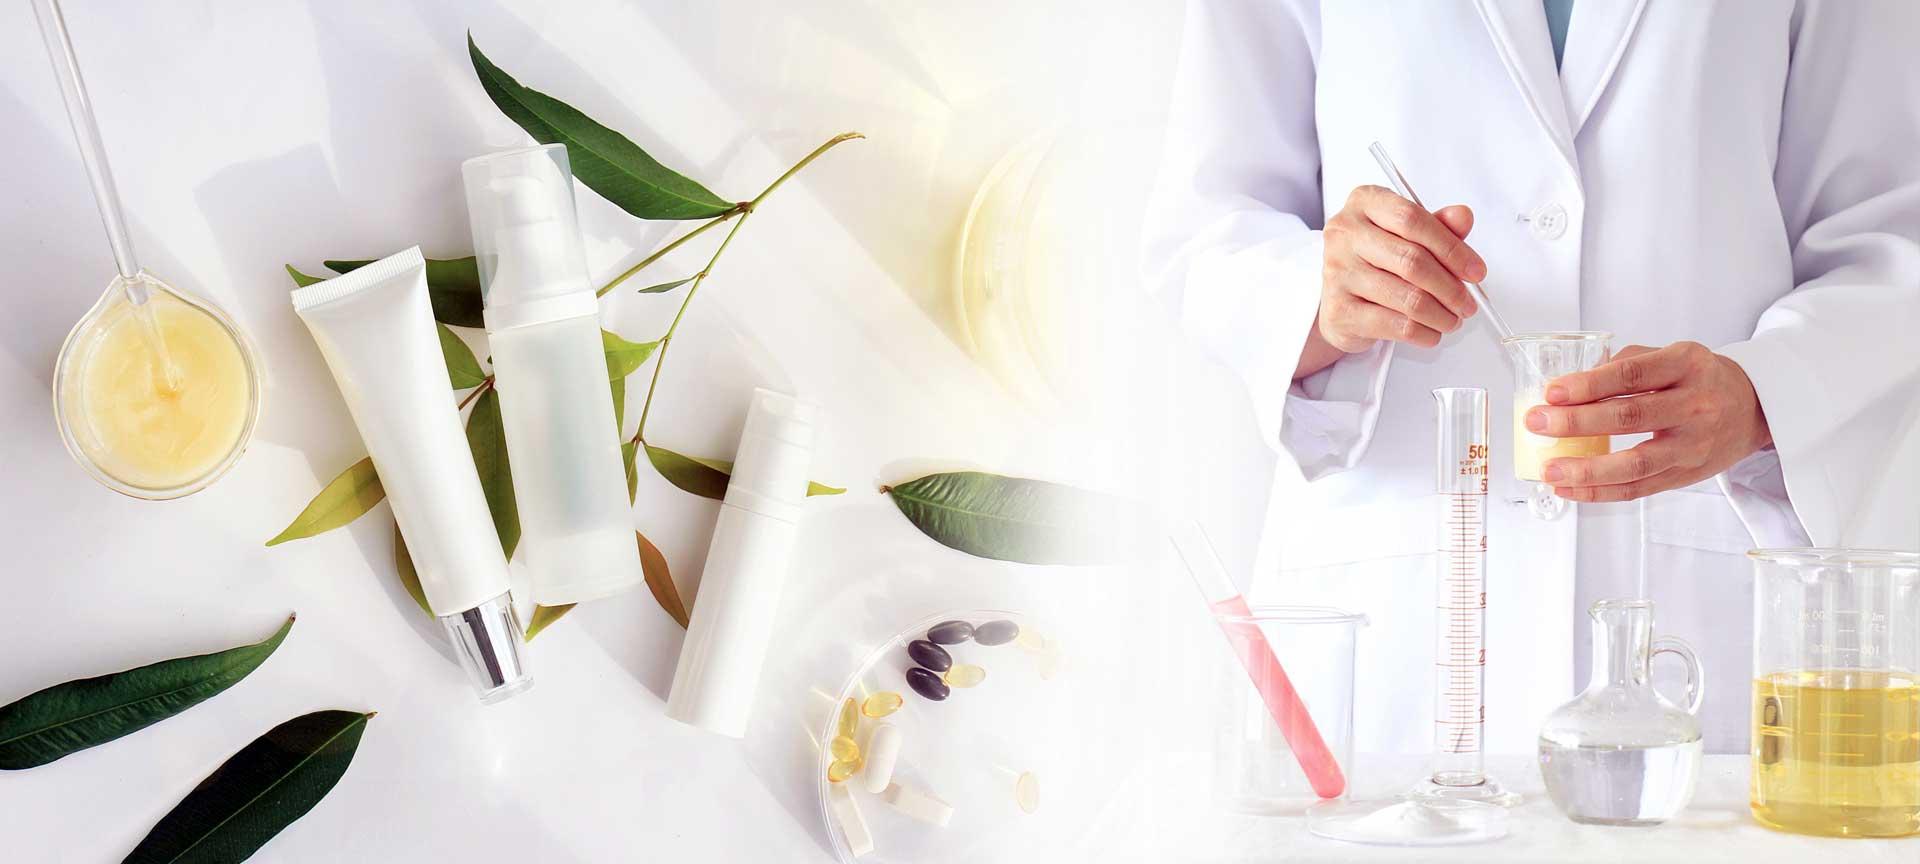 آزمون های خاص فرآورده های آرایشی بهداشتی